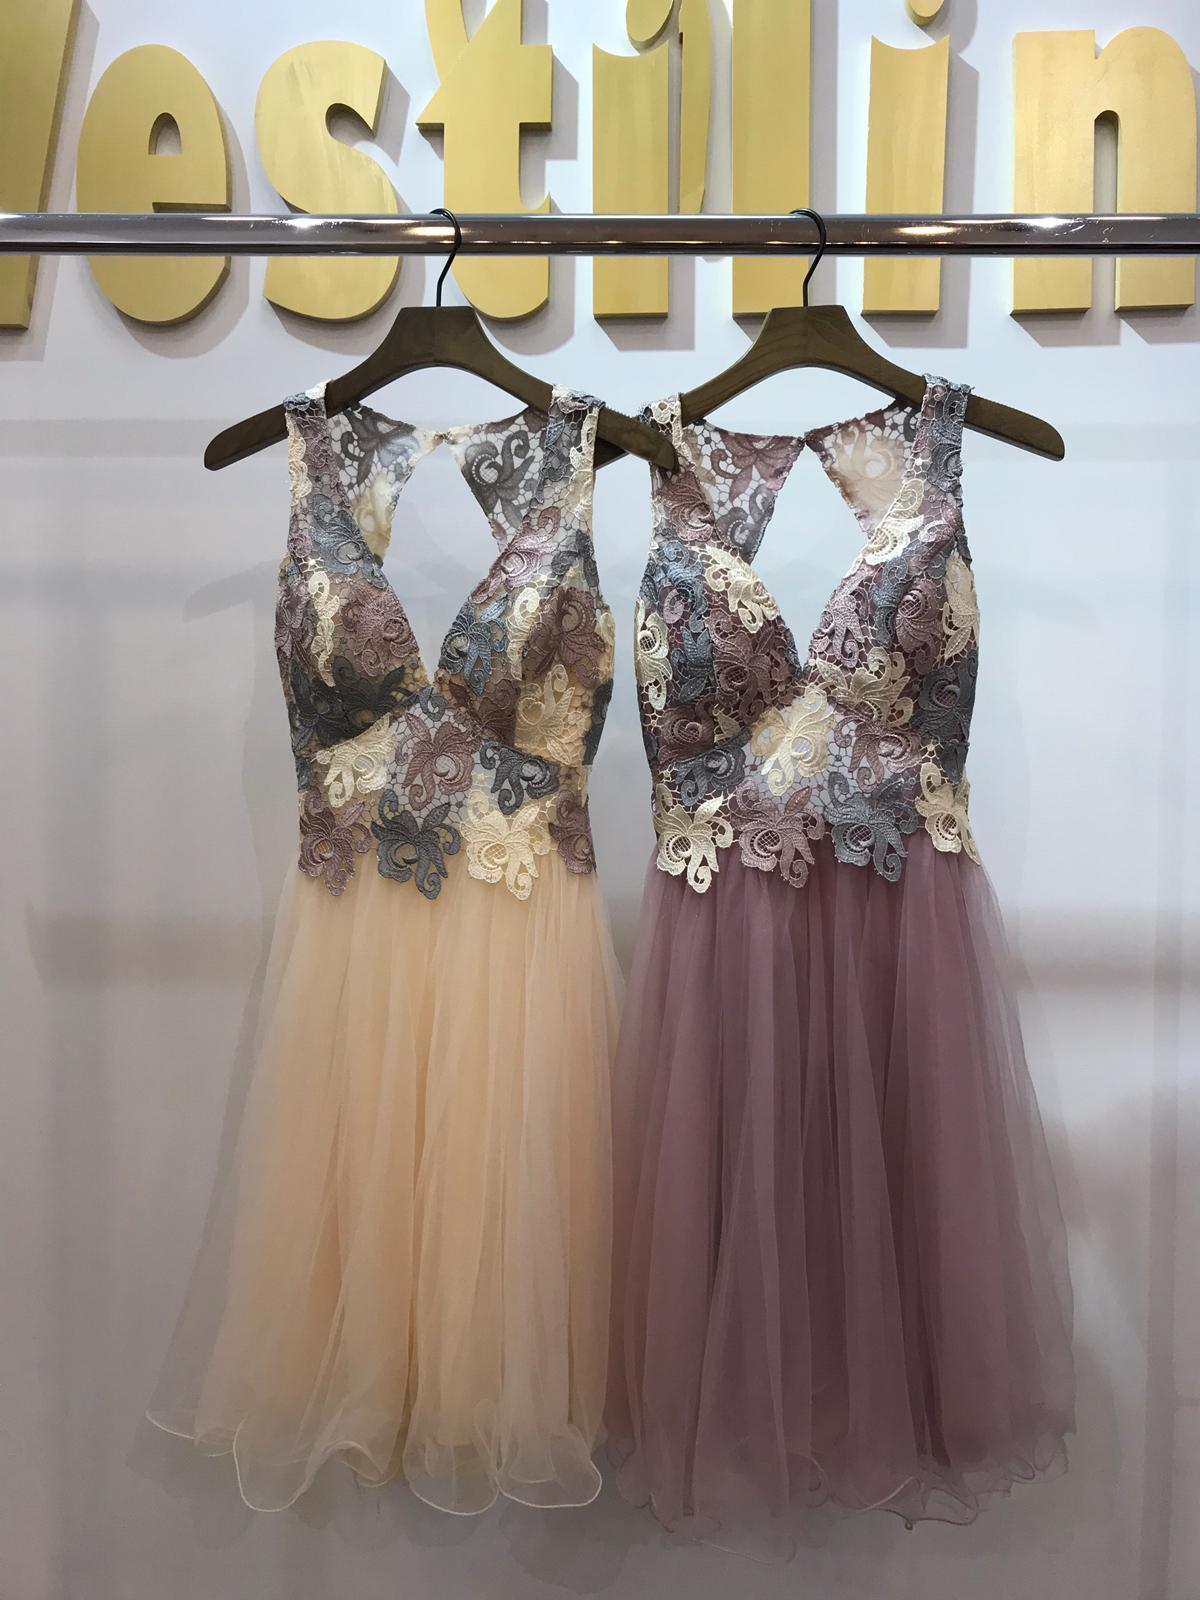 Comprar vestidos de fiesta en cobo calleja